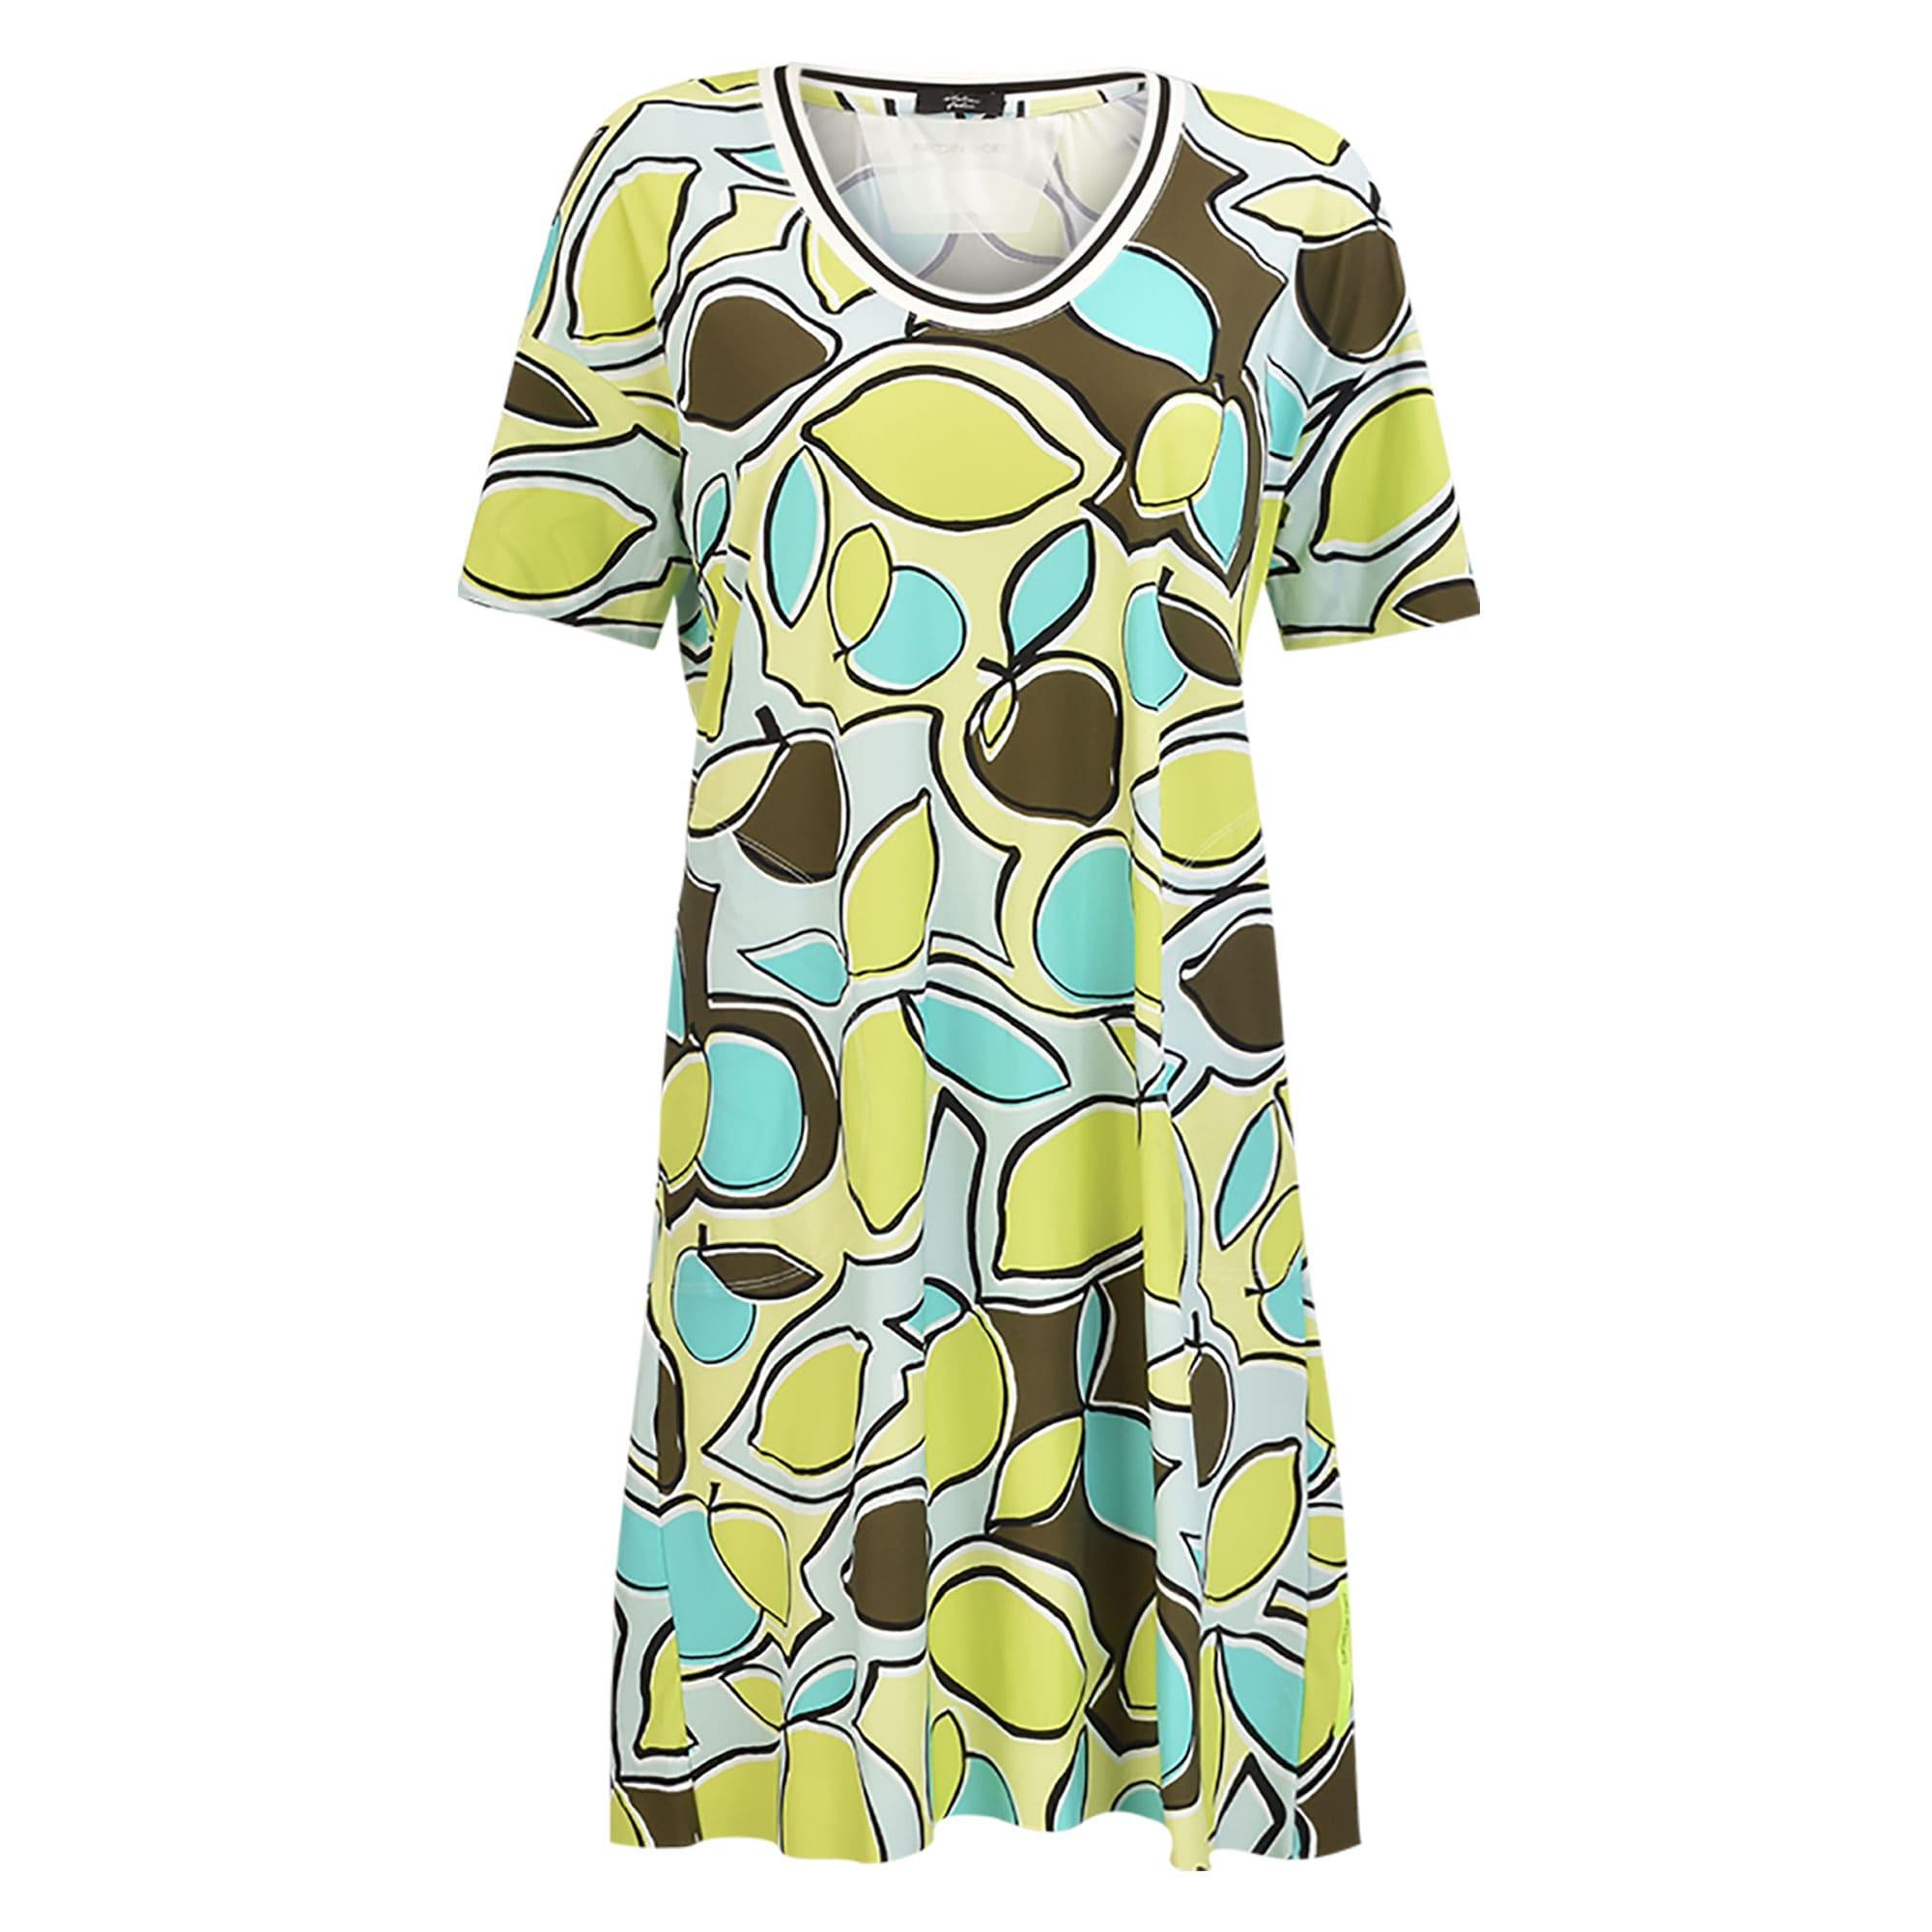 Kleid Loose Fit Print Online Im Shop Bei Meinfischer De Kaufen Mein Fischer